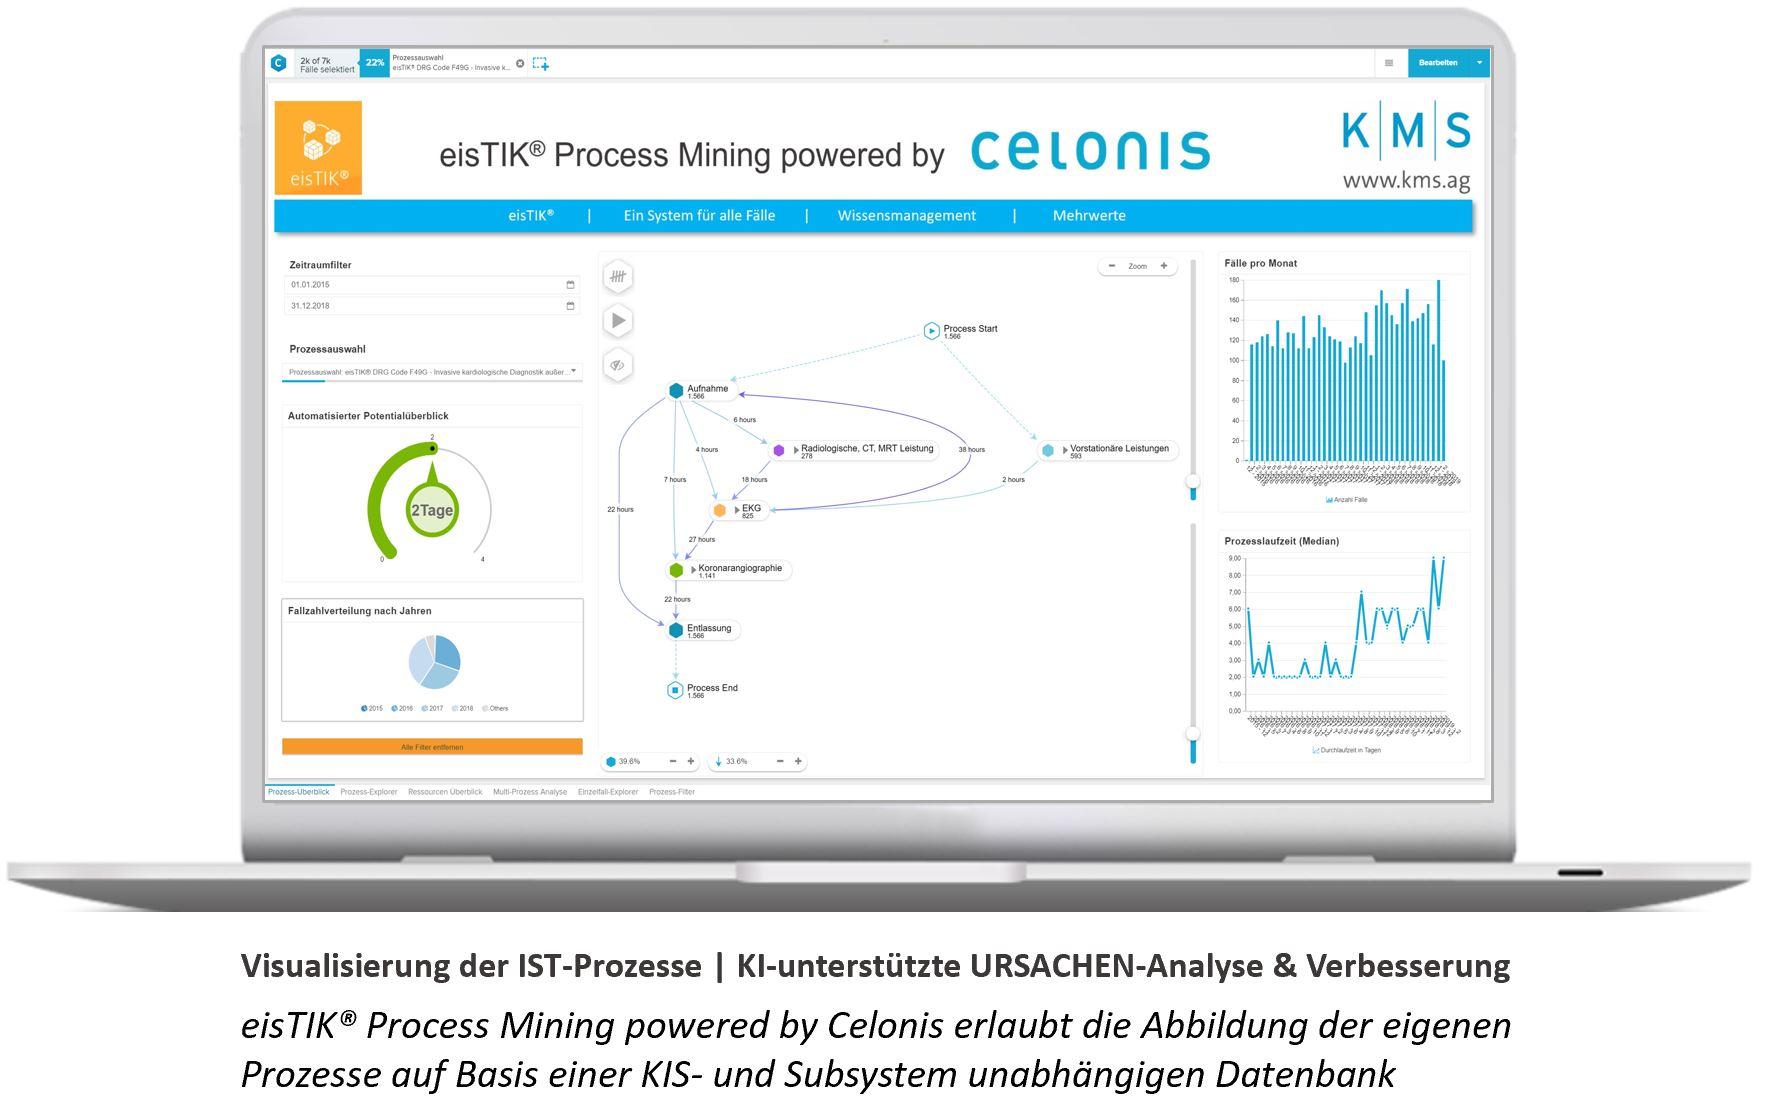 19-08-04_Process_Mining_celonis_KMS.JPG